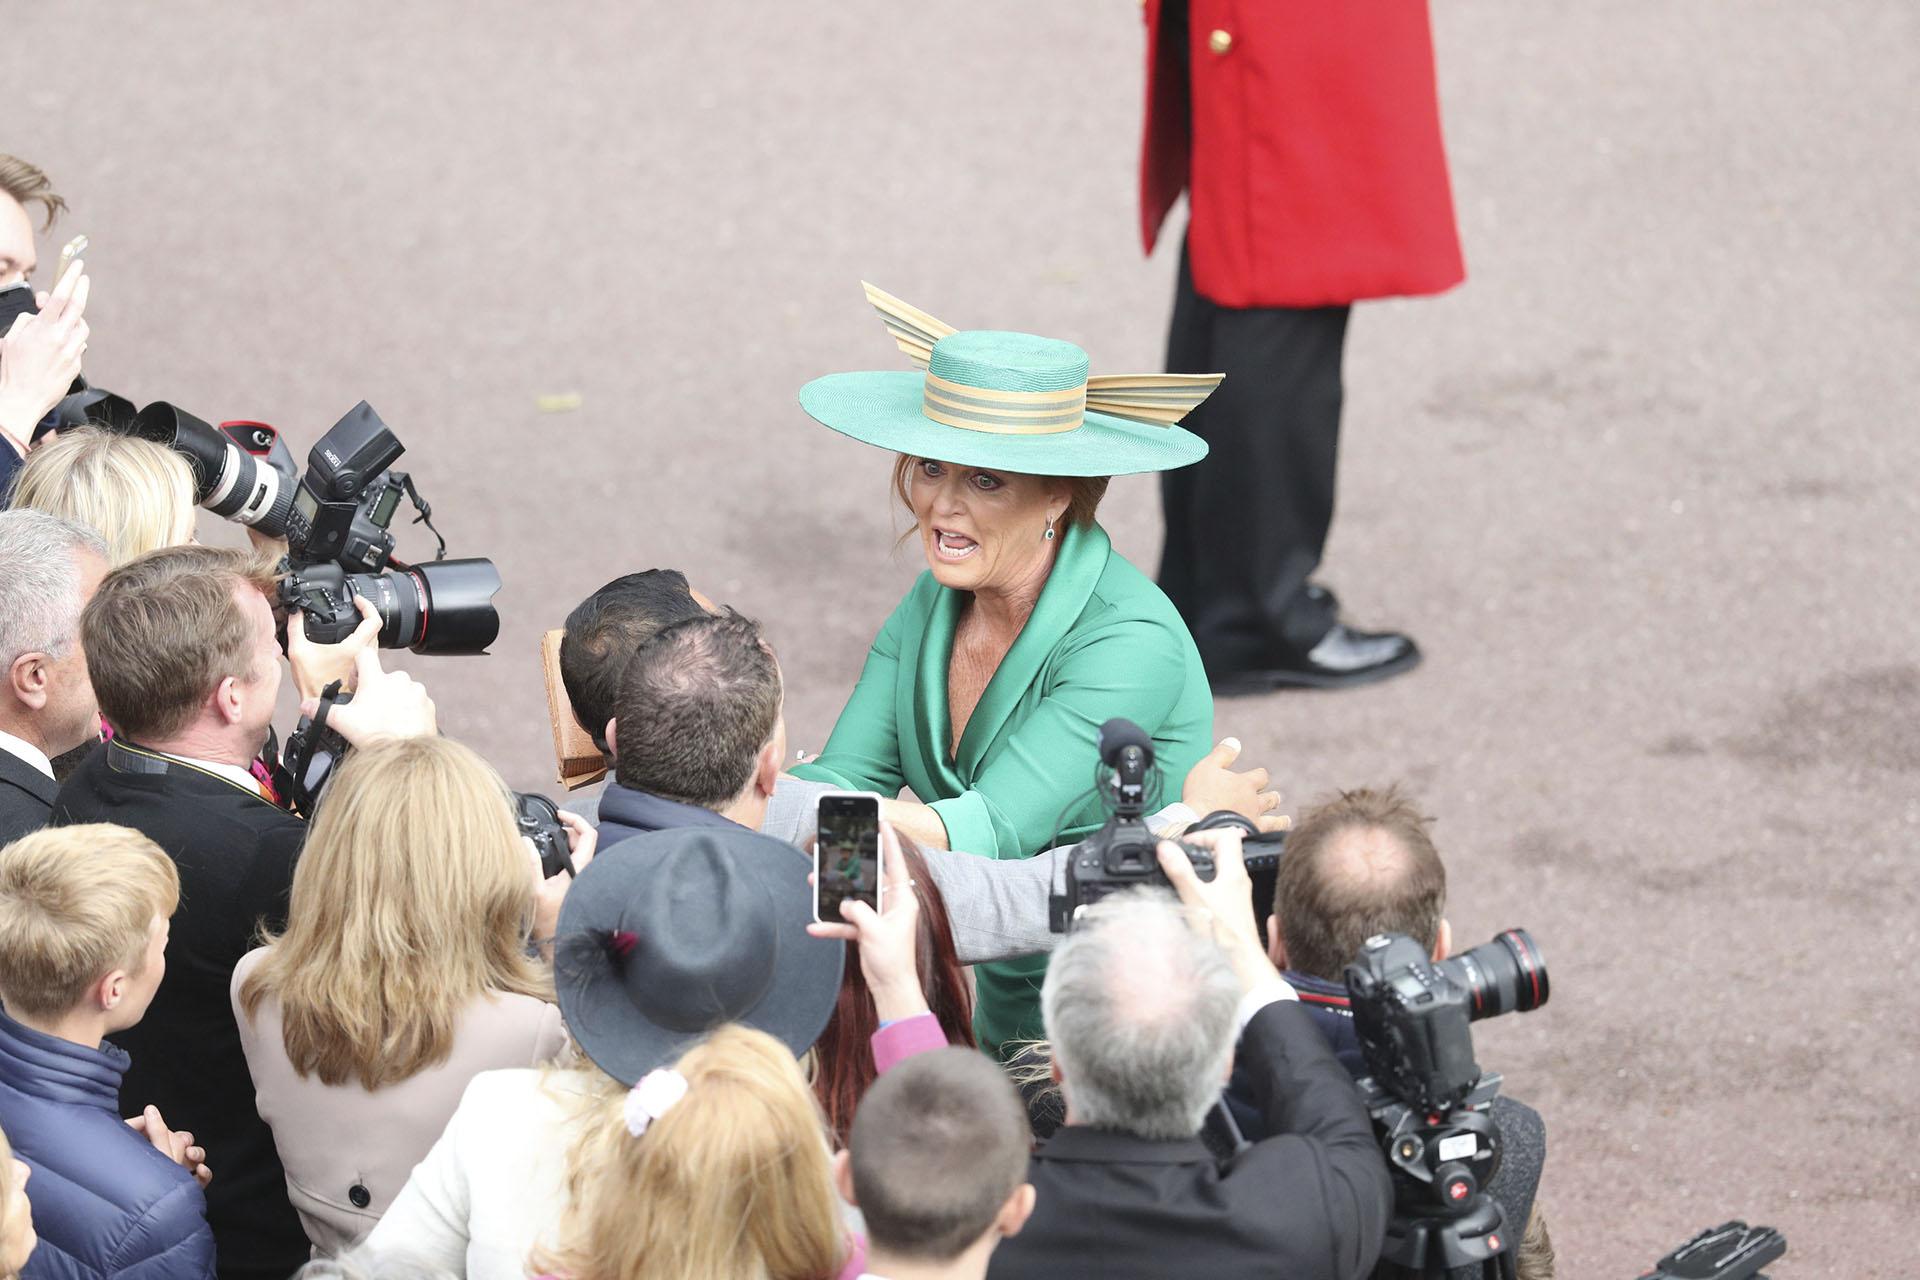 Sarah Ferguson saludando afectuosamente a los fans, antes de ingresar a la ceremonia